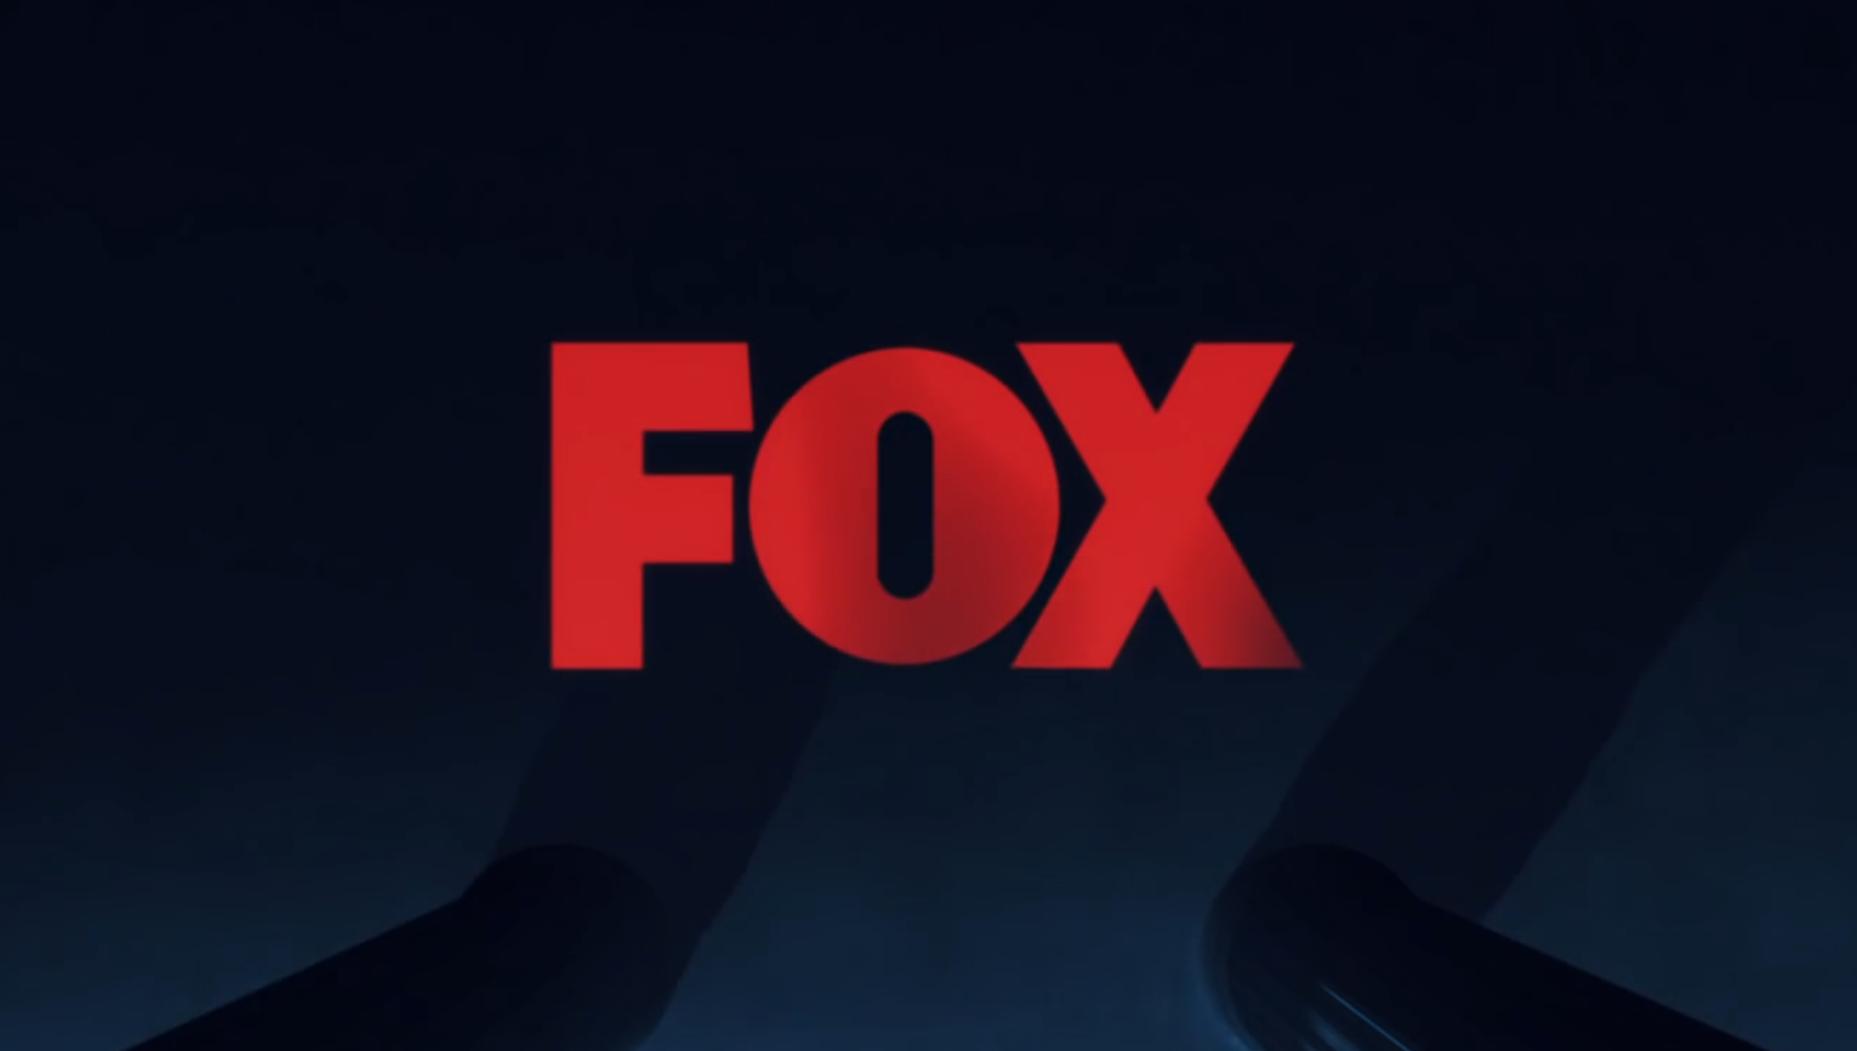 FOX commande une série animée grecque antique de Dan Harmon (Rick et Morty)